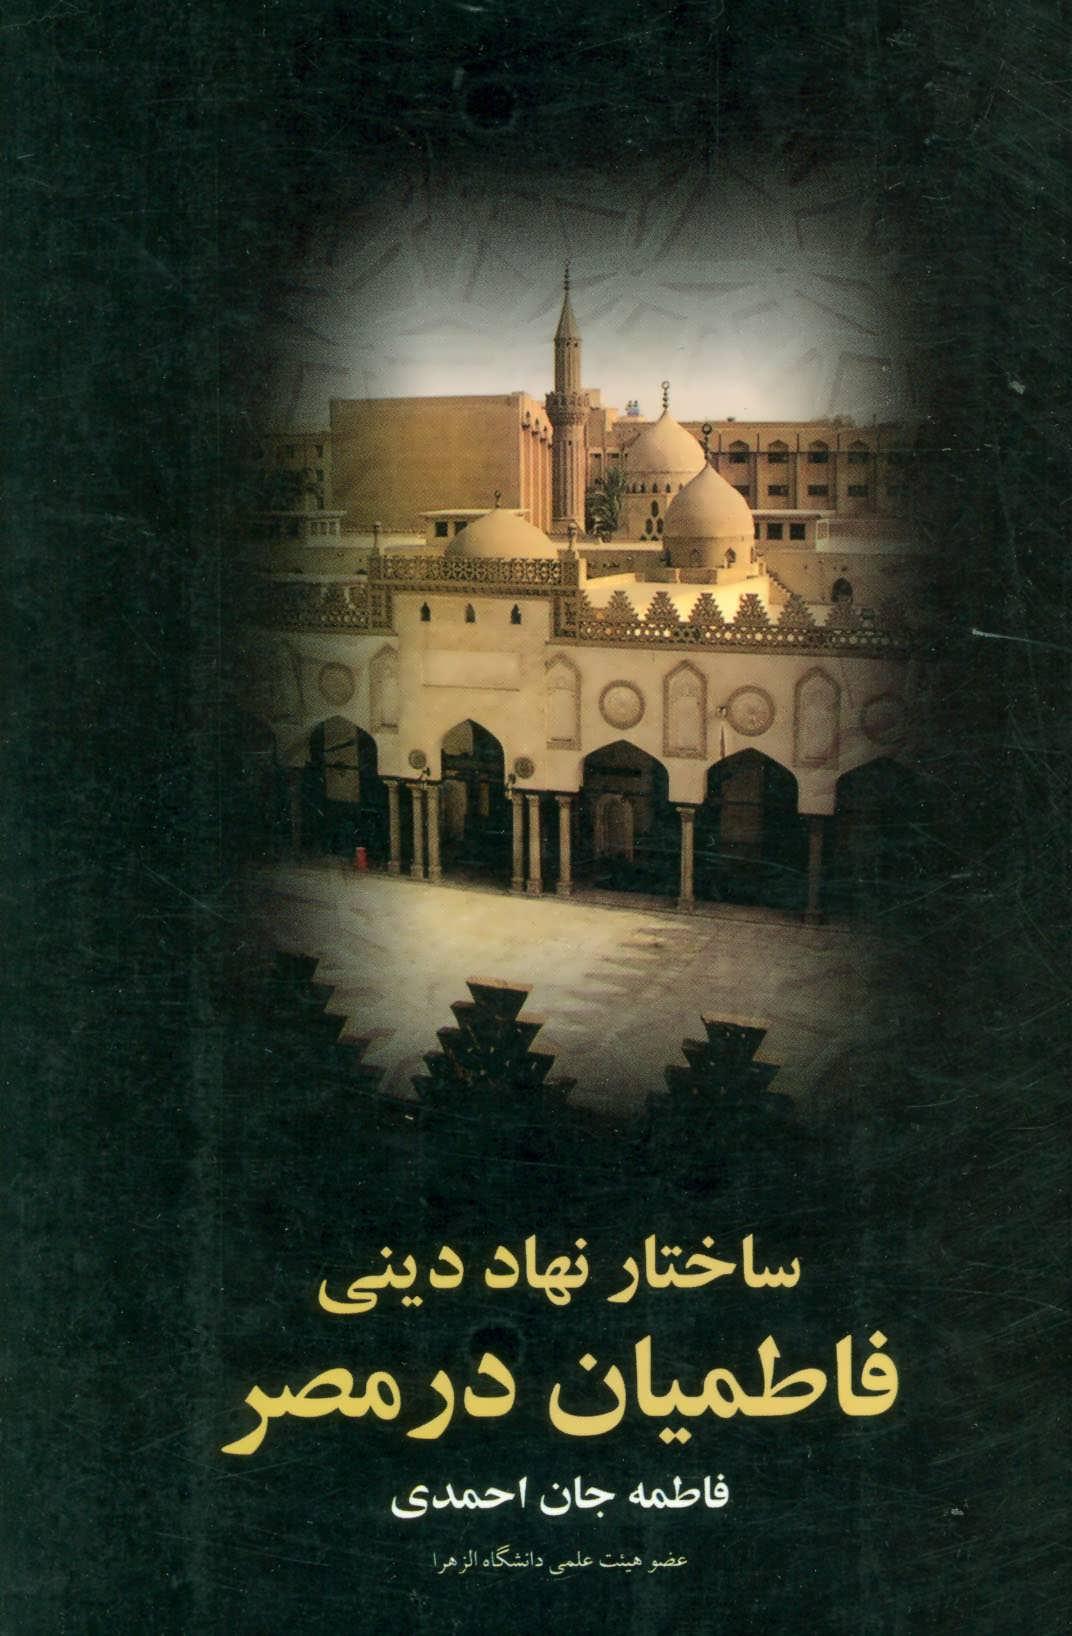 کتاب ساختار نهاد دینی فاطمیان در مصر